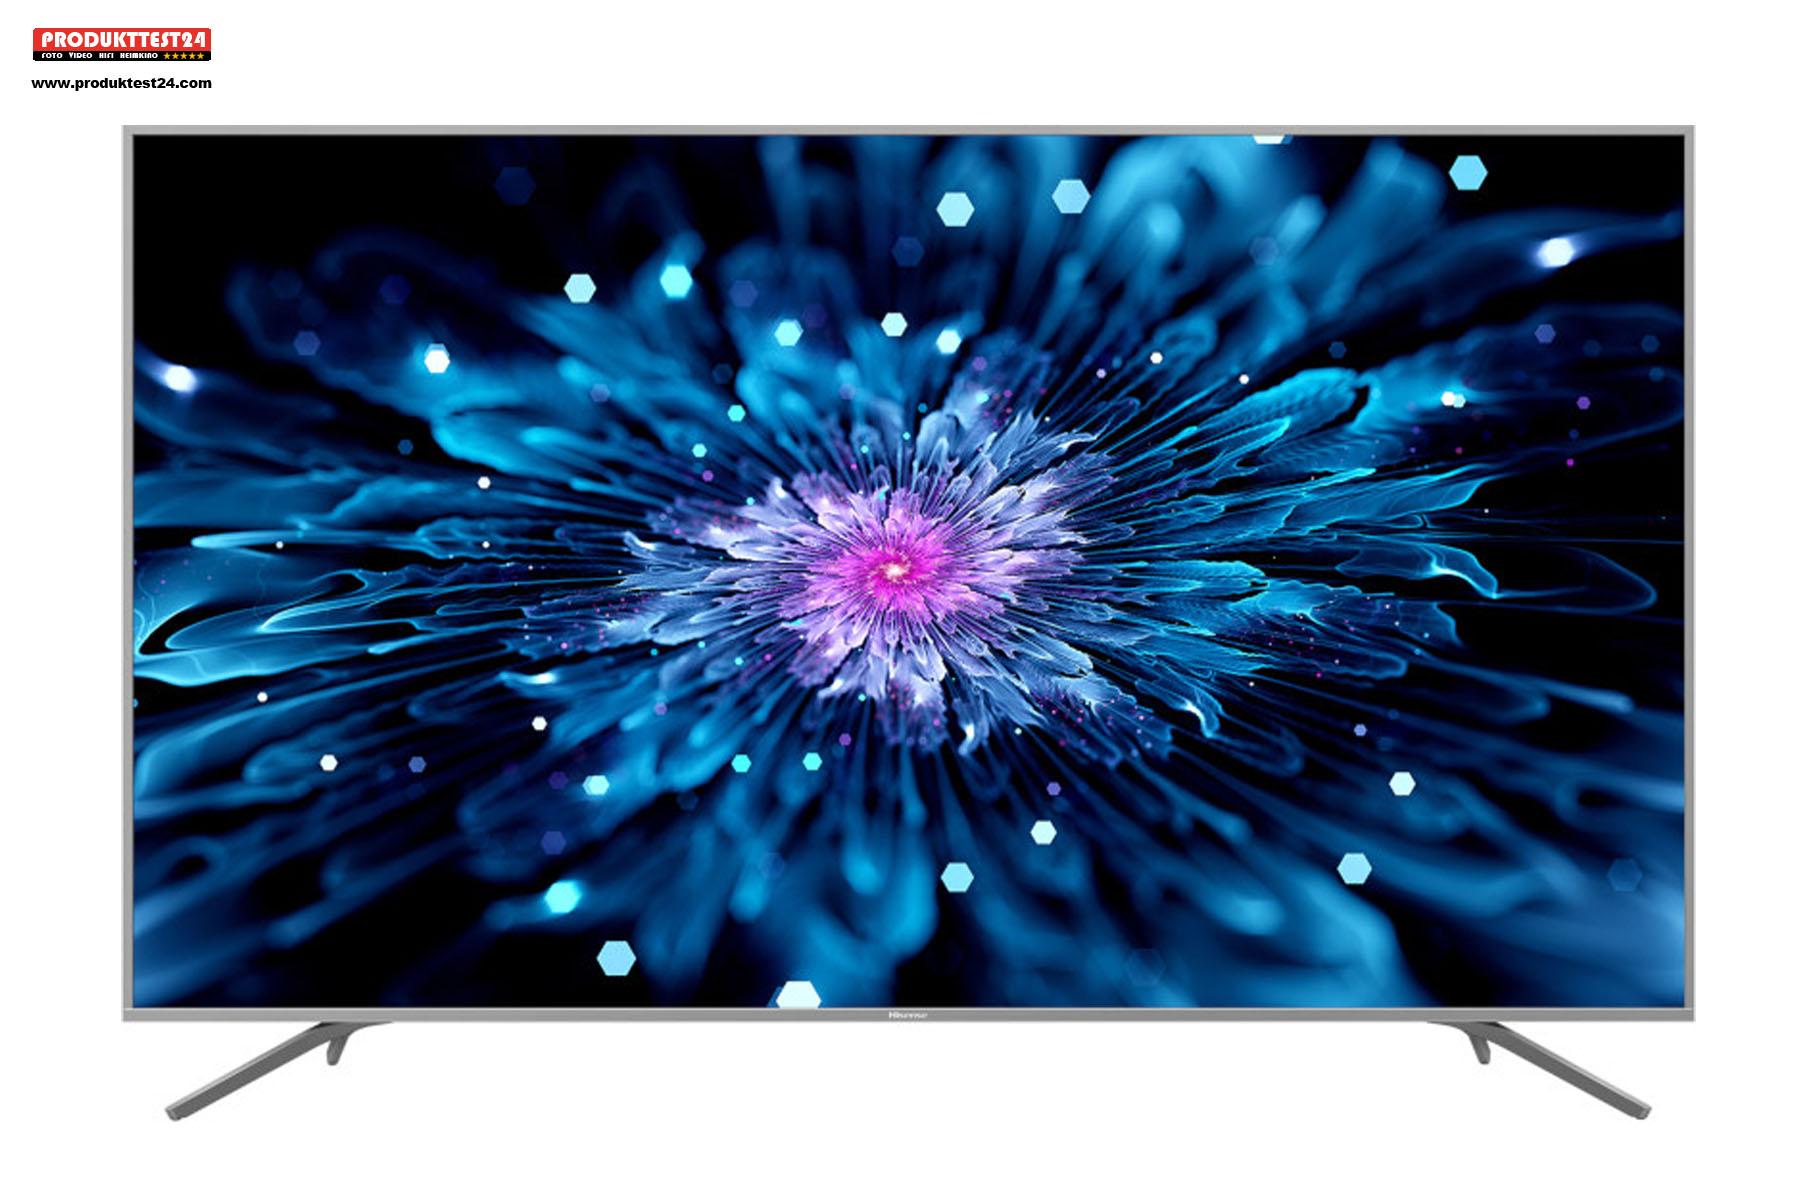 Hisense H75BE7410 / H75B7510 Ultra HD 4K-Fernseher